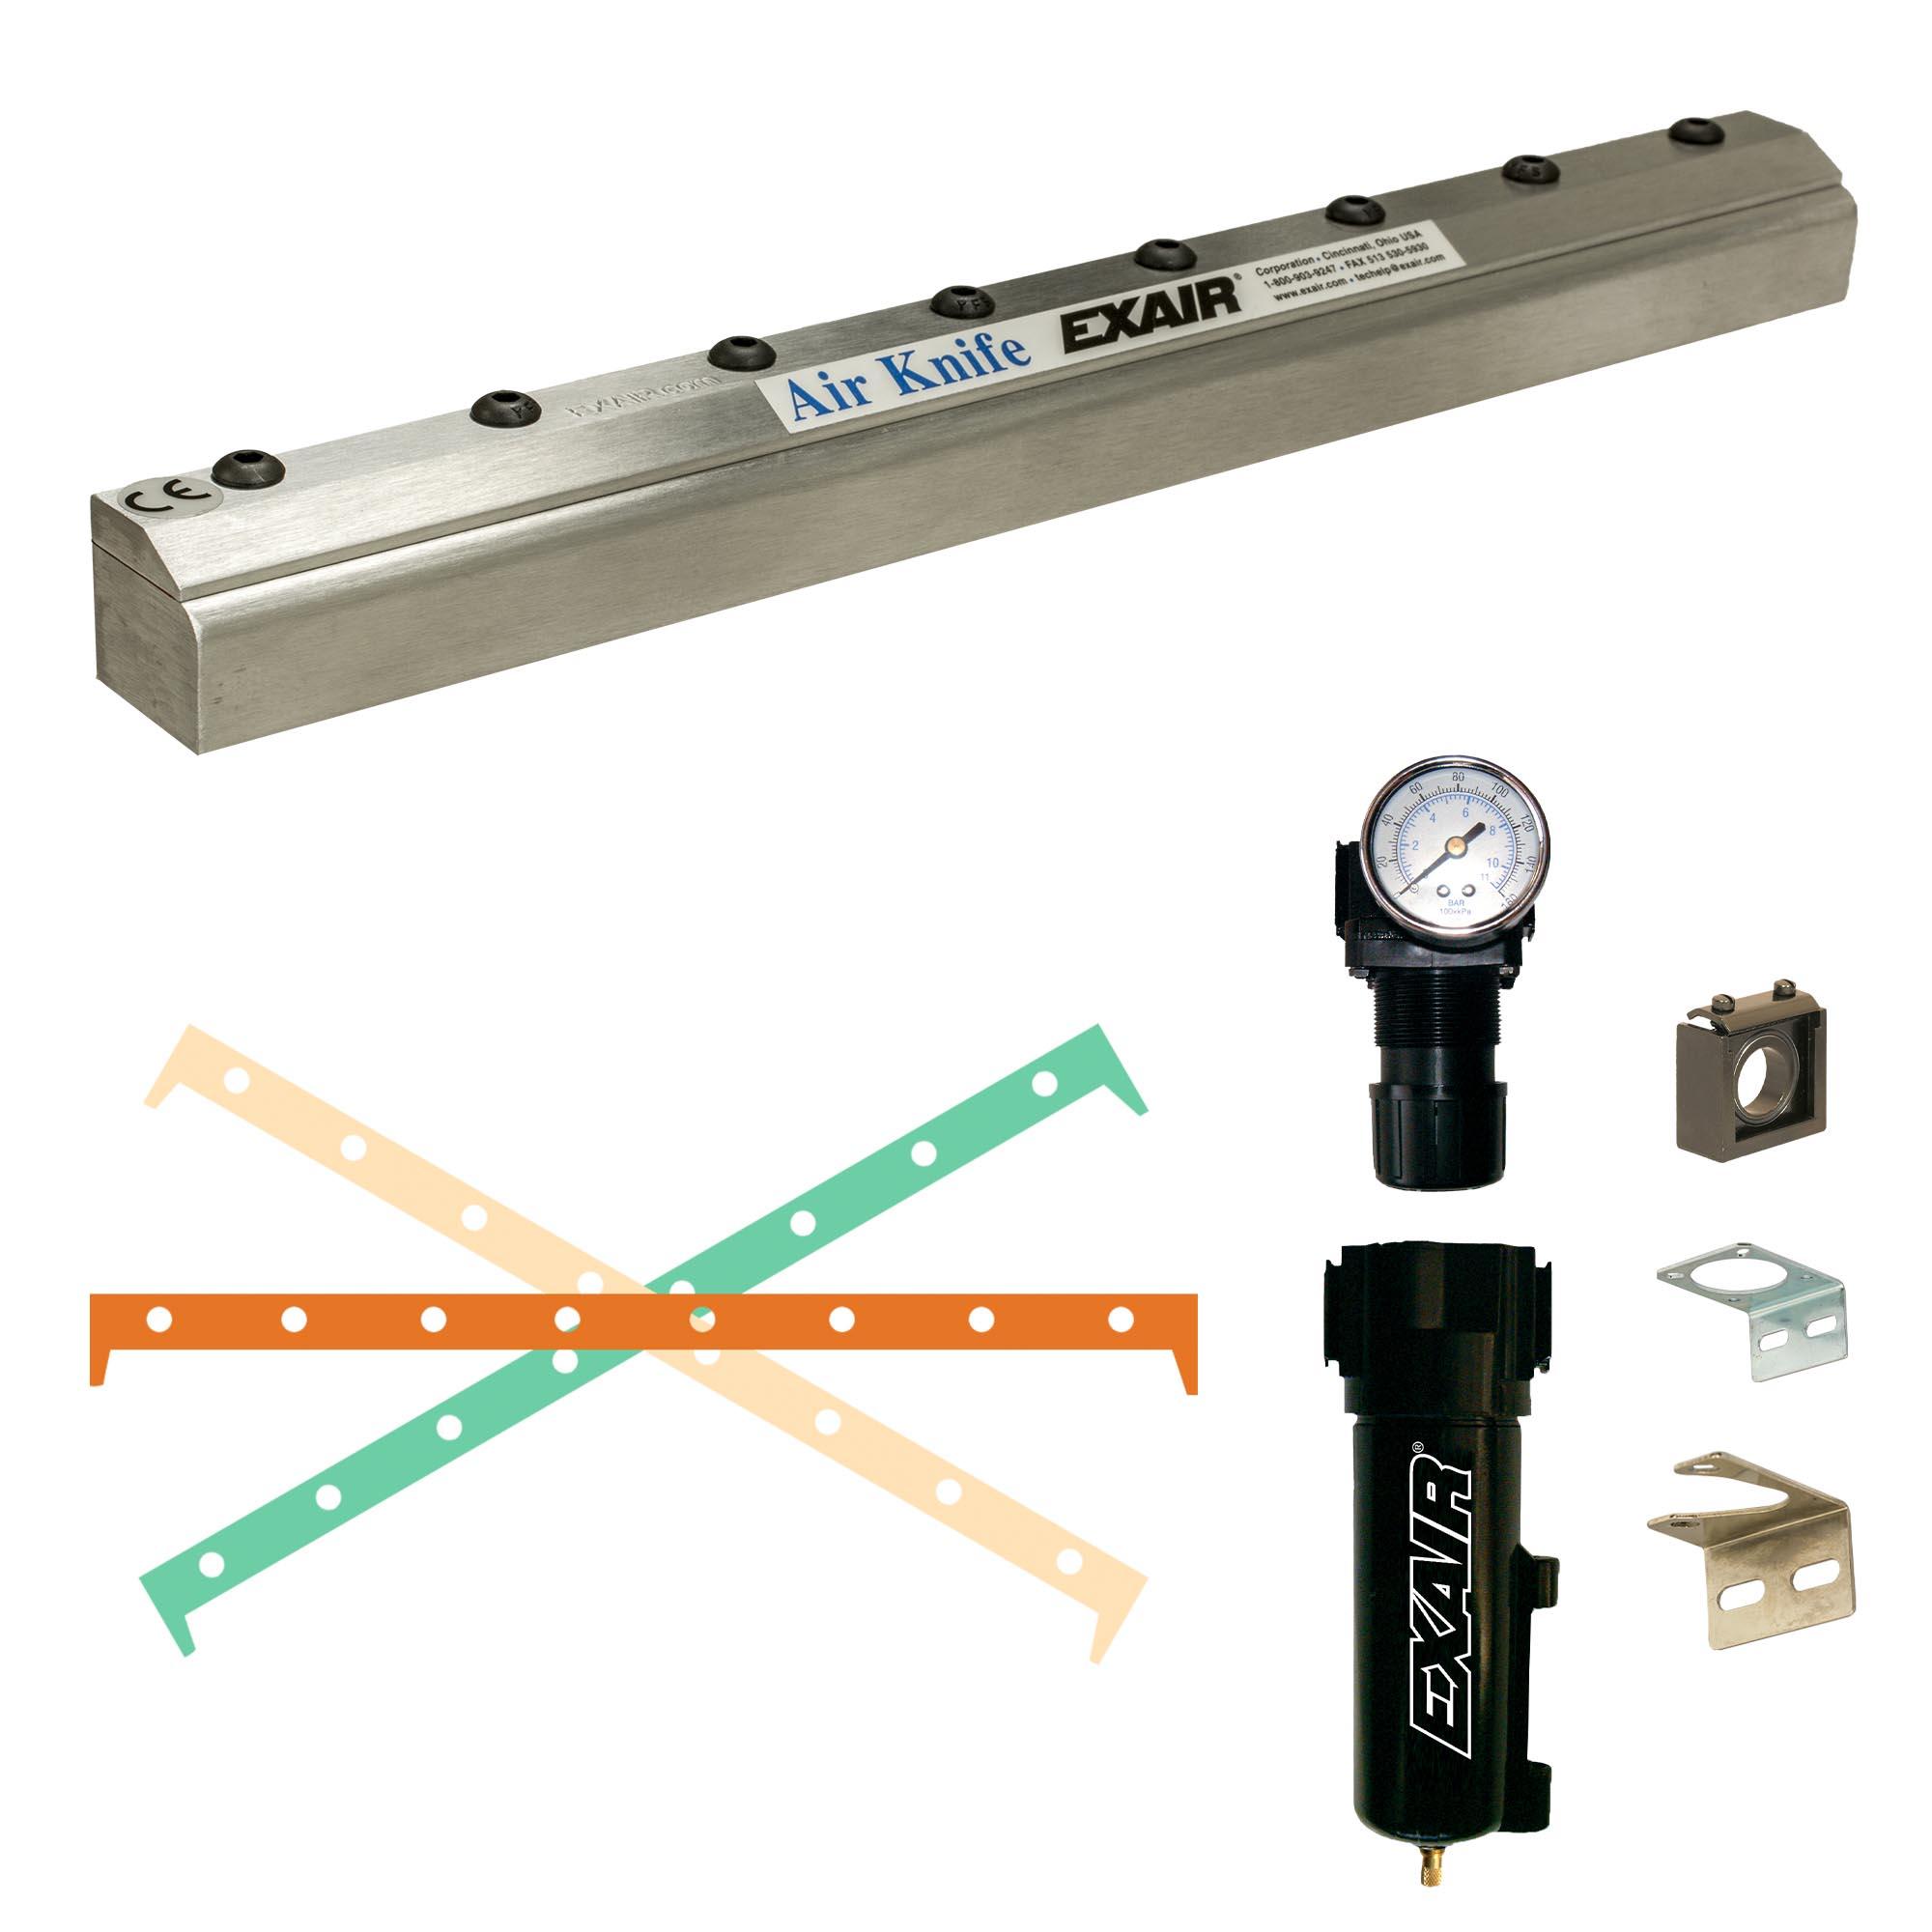 Aluminum Full-Flow Air Knife kit